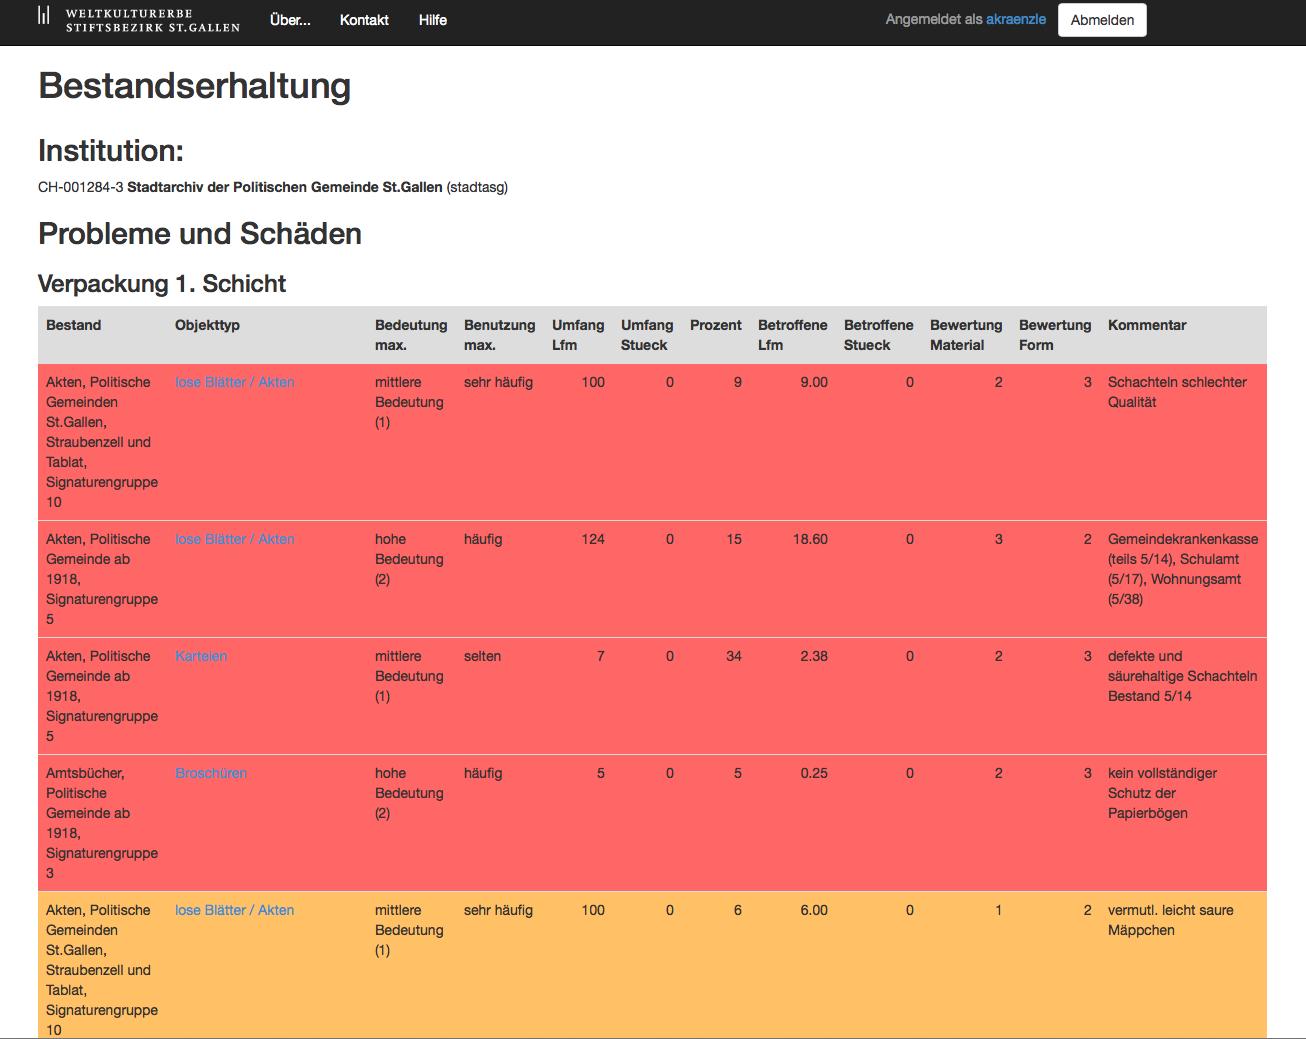 Screenshot der Datenbank: Auswertung der Bestandsanalyse (Ausschnitt)